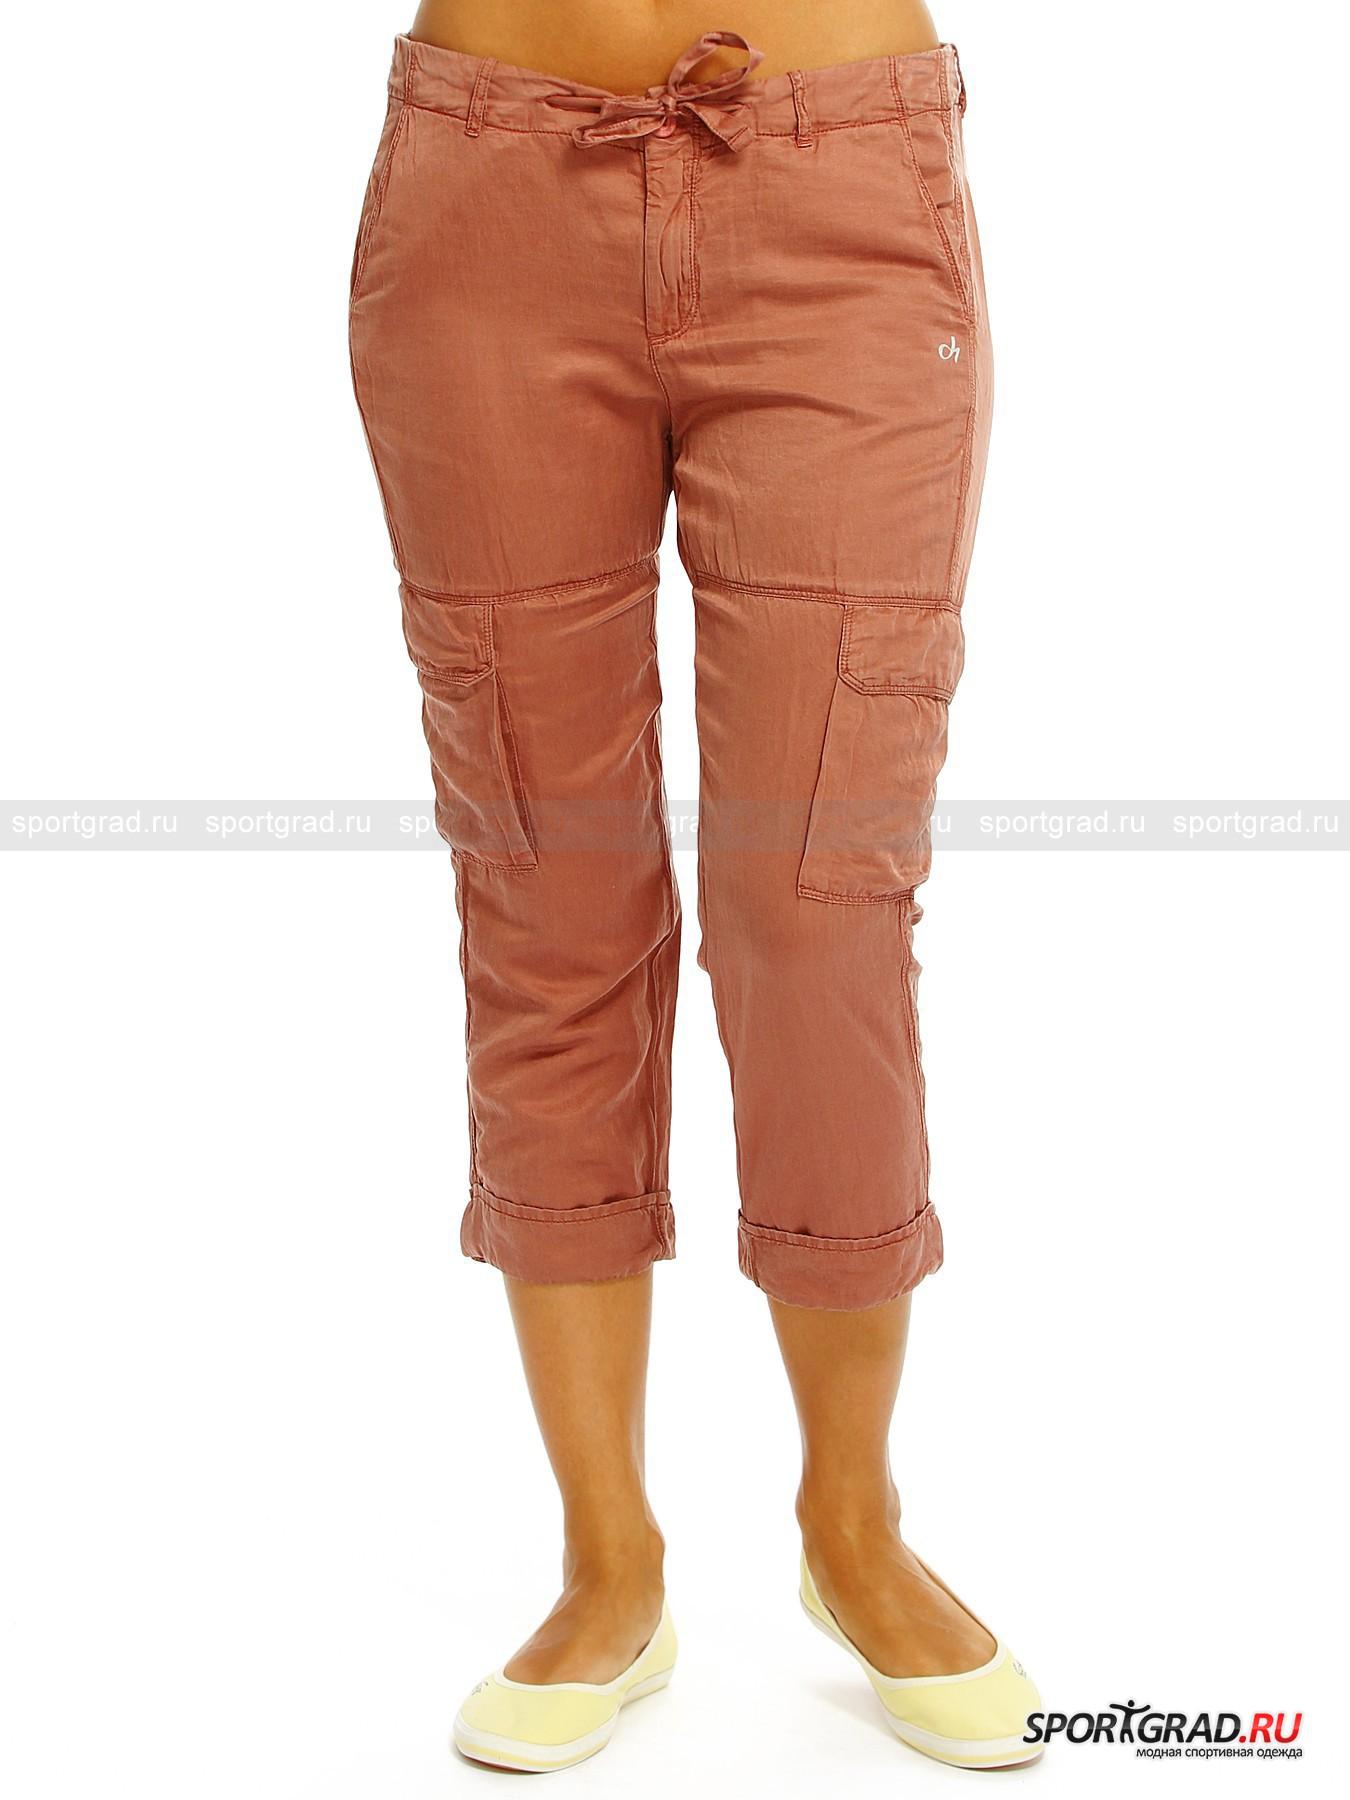 Капри женские 7/8 pants DEHA